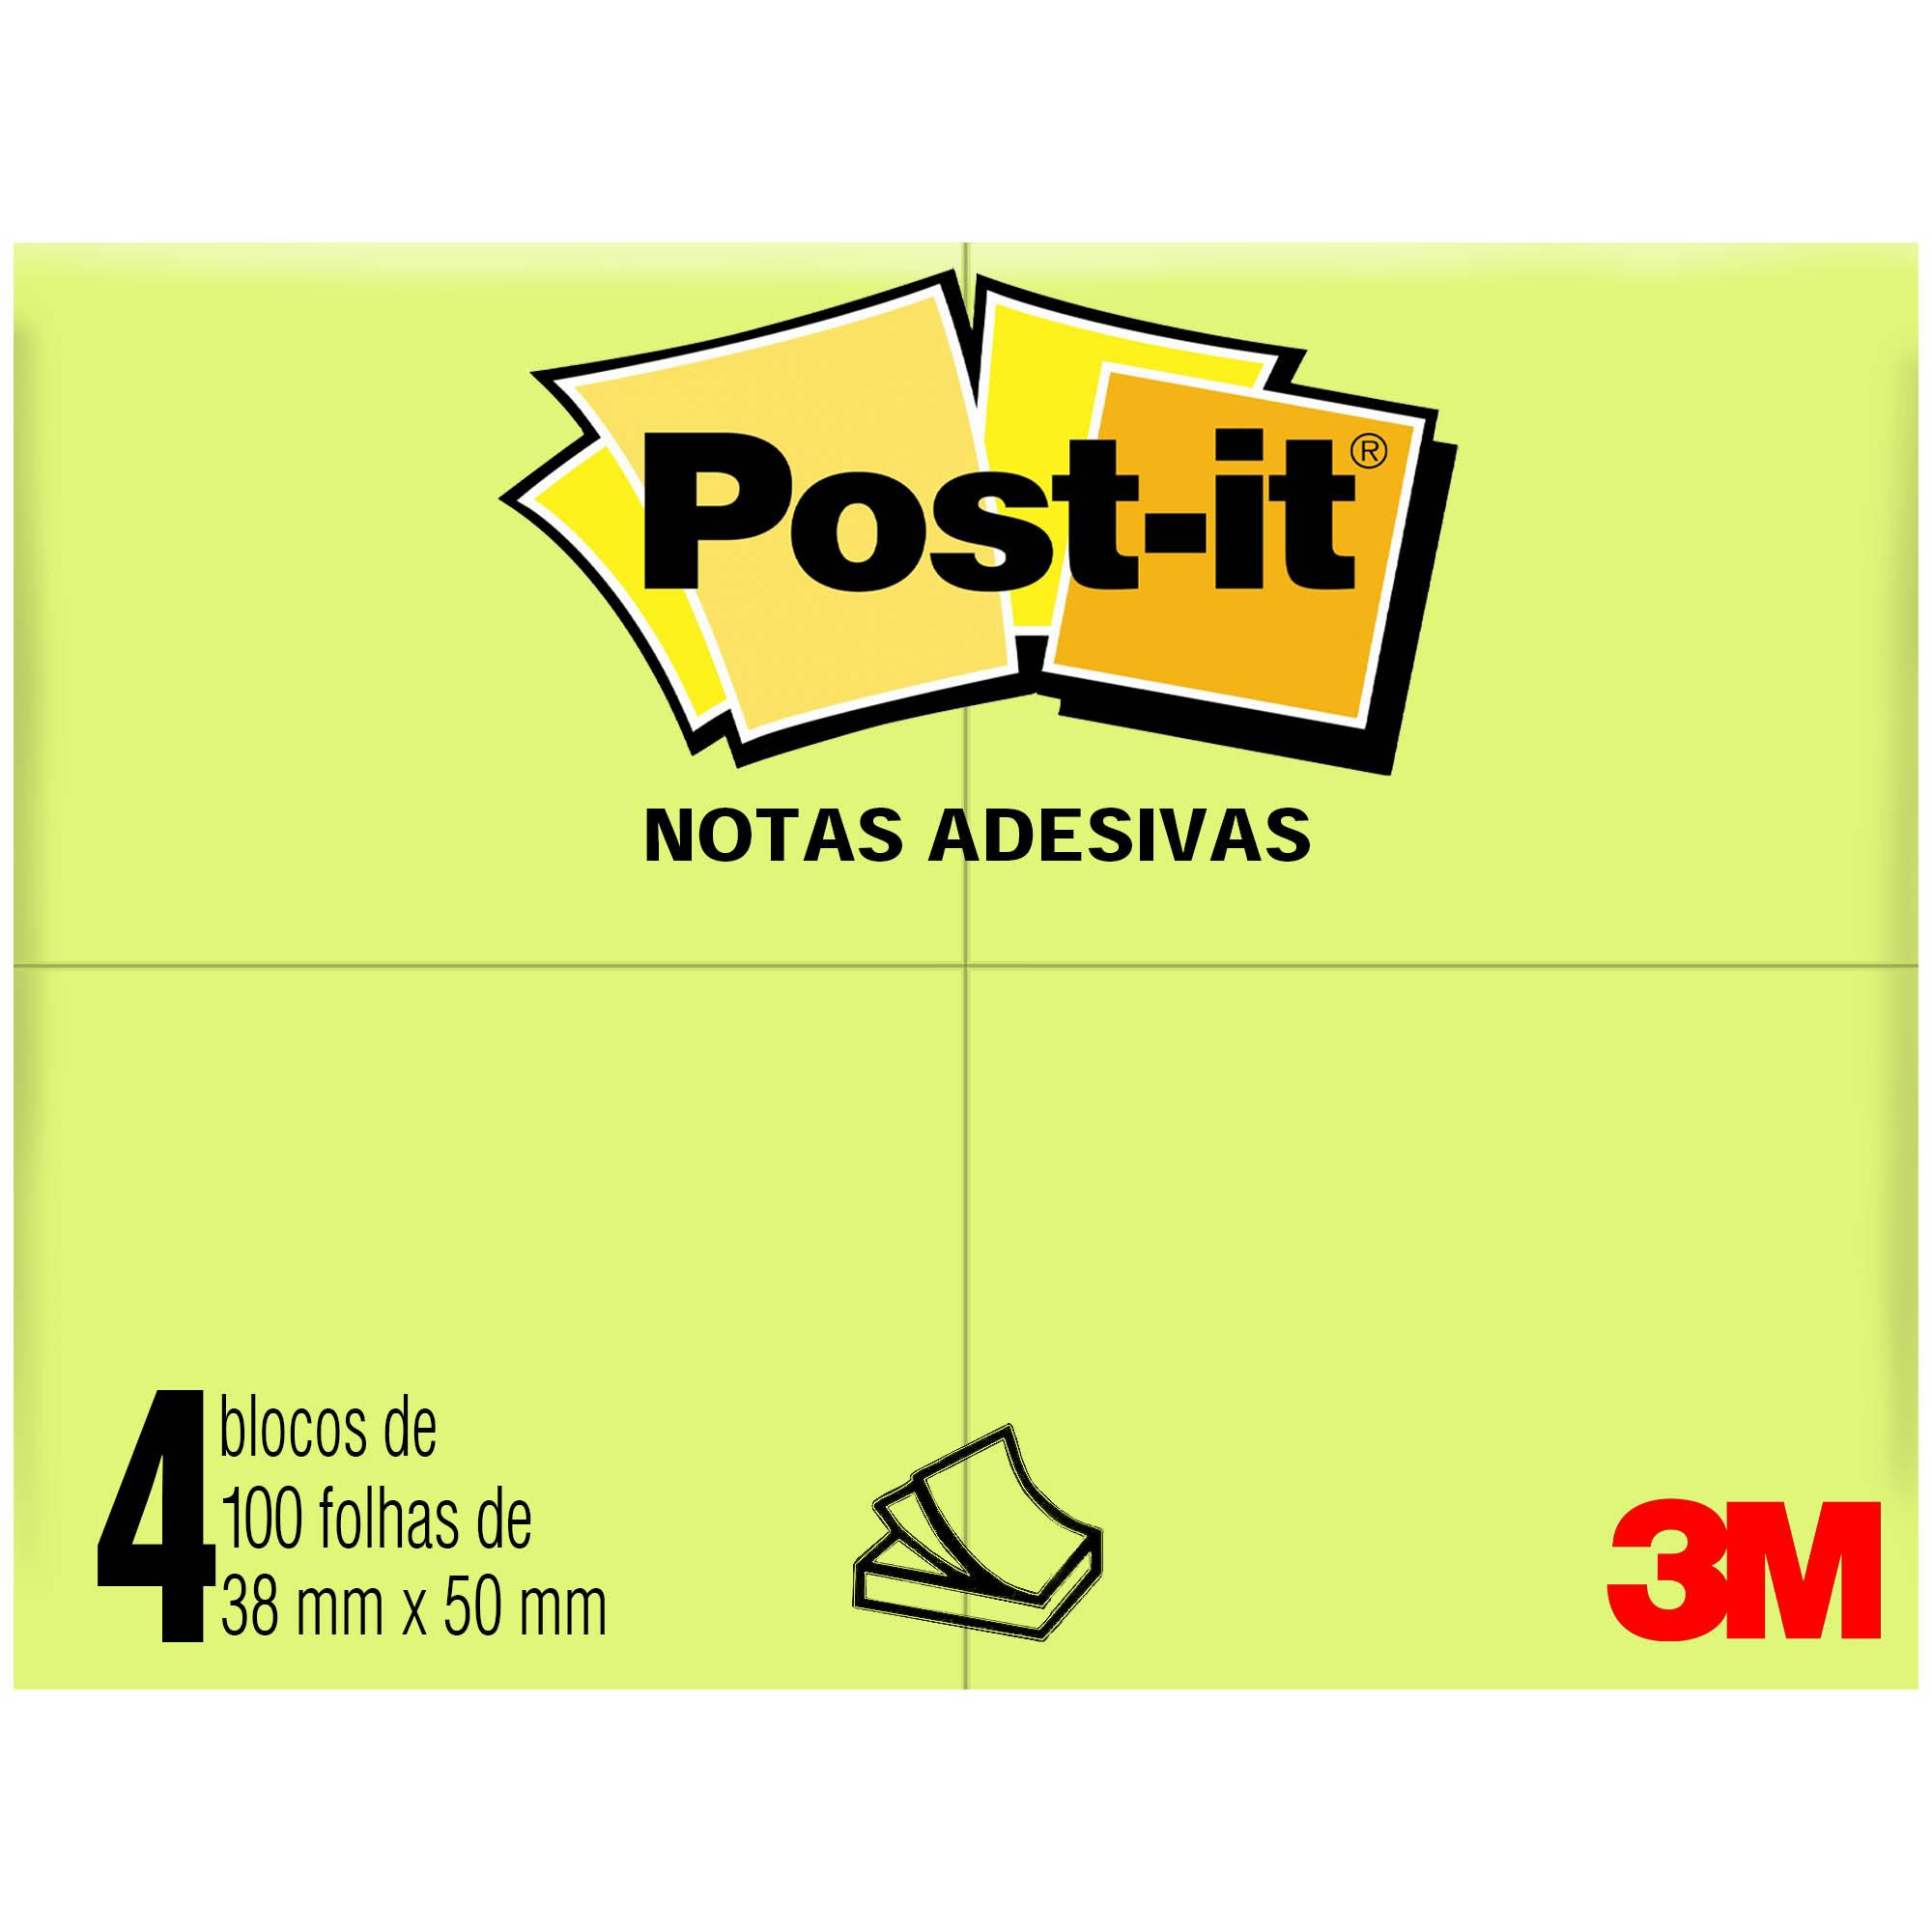 Bloco Autoadesivo Post-It 653 100f 4bl 38MMX50MM HT Cor Amarelo HB004088165 - 3M